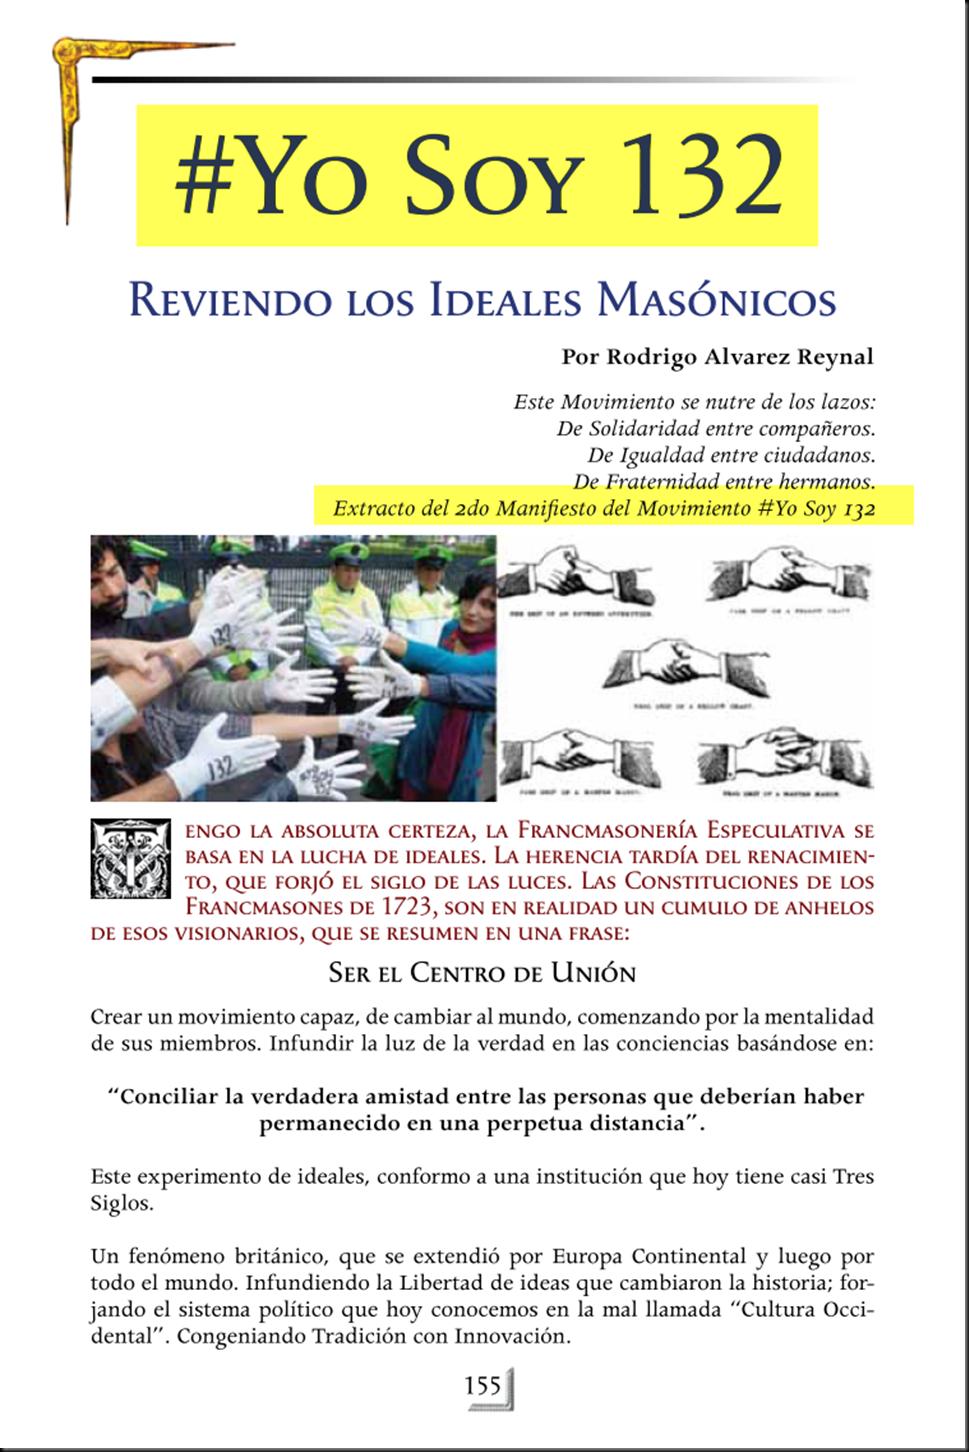 """Los indignados de Mexico """"@YoSoy132"""" nacidos """"expontaneamente"""" en universidad jesuita Image_thumb36"""